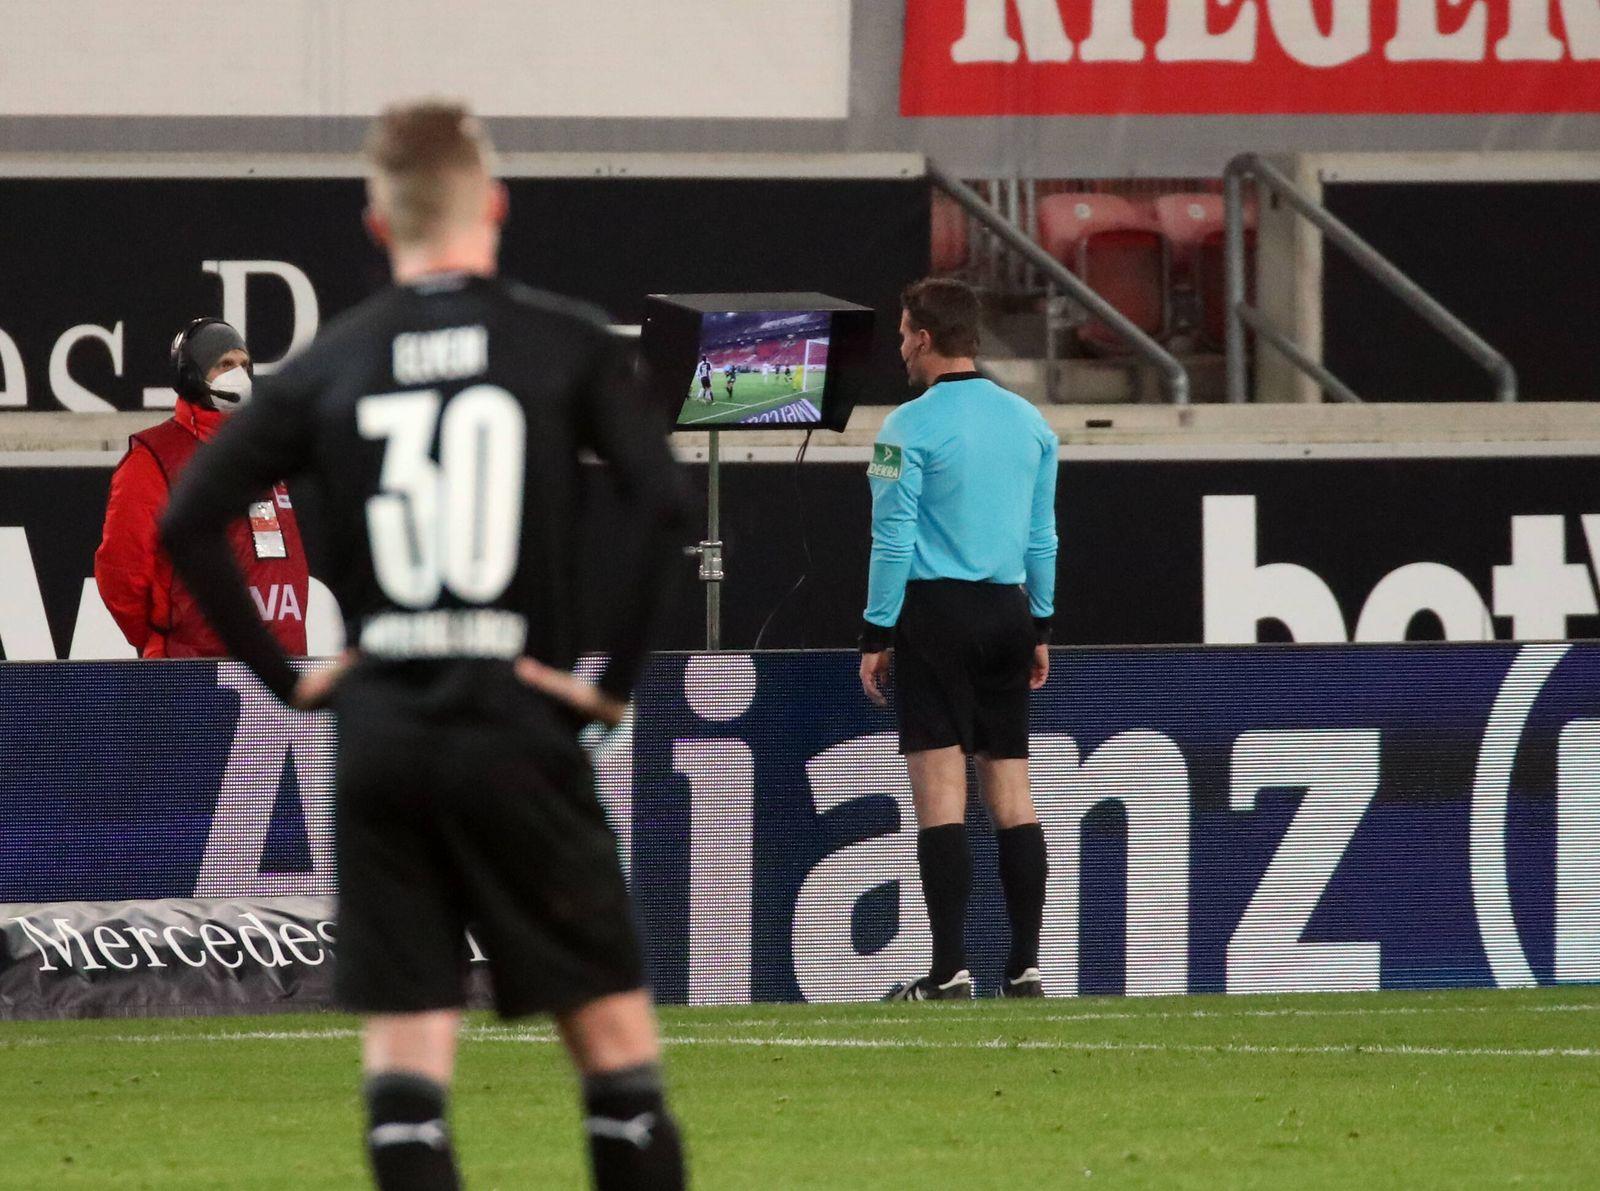 16.01.21 VfB Stuttgart - Borussia Mönchengladbach Deutschland, Stuttgart, 16.01.2021, Fussball, Bundesliga, Saison 2020